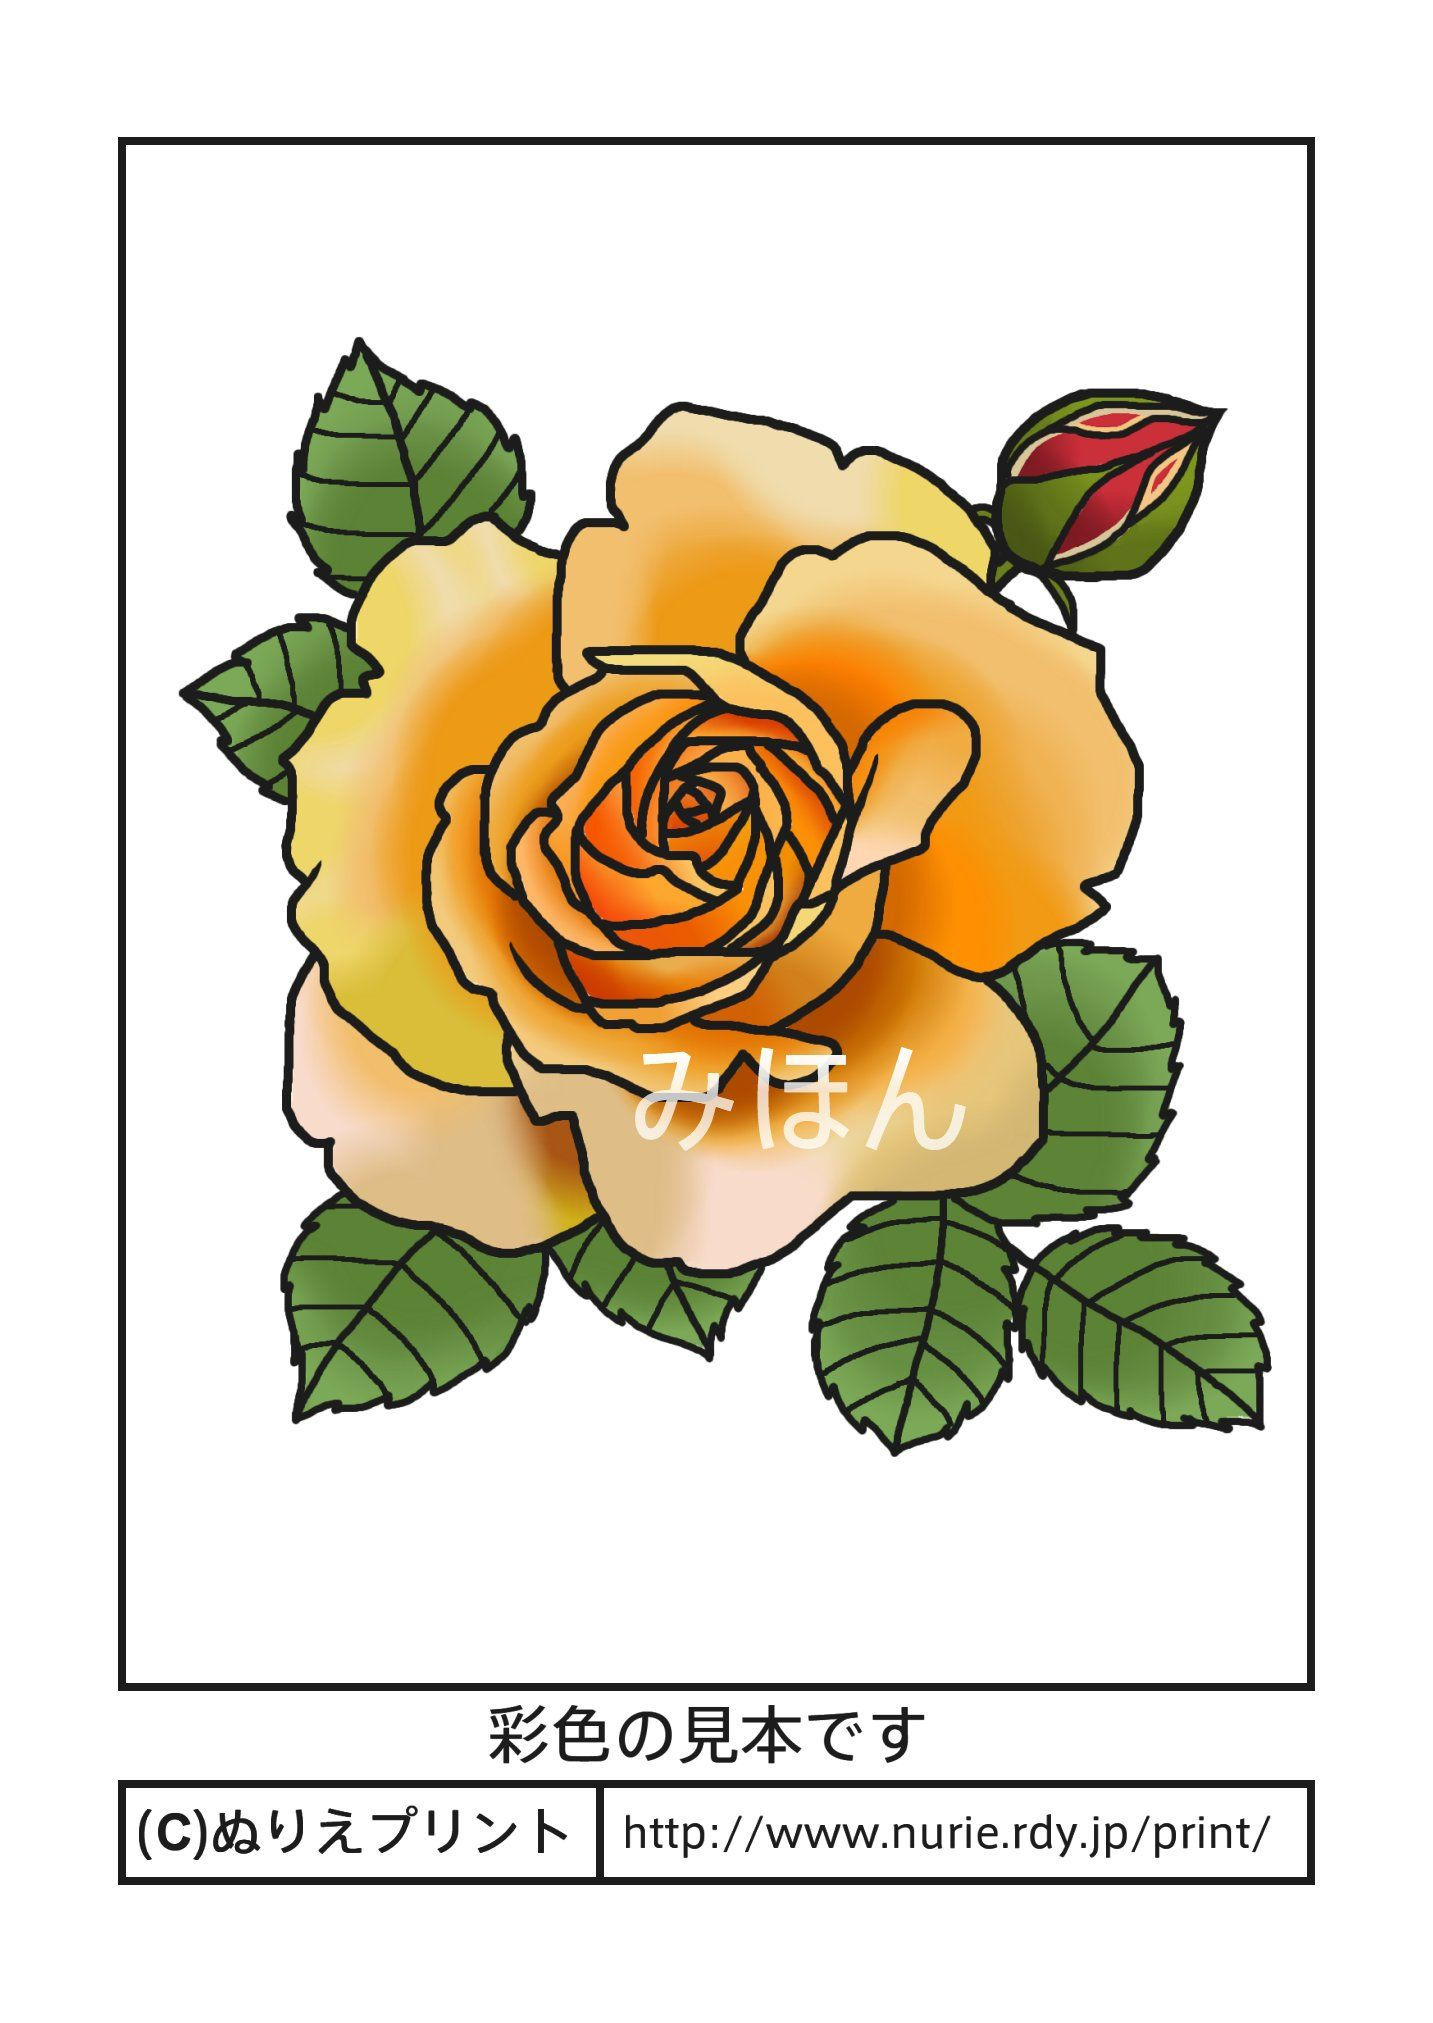 バラ5(彩色見本)/花の塗り絵/無料イラスト【ぬりえプリント】   a design